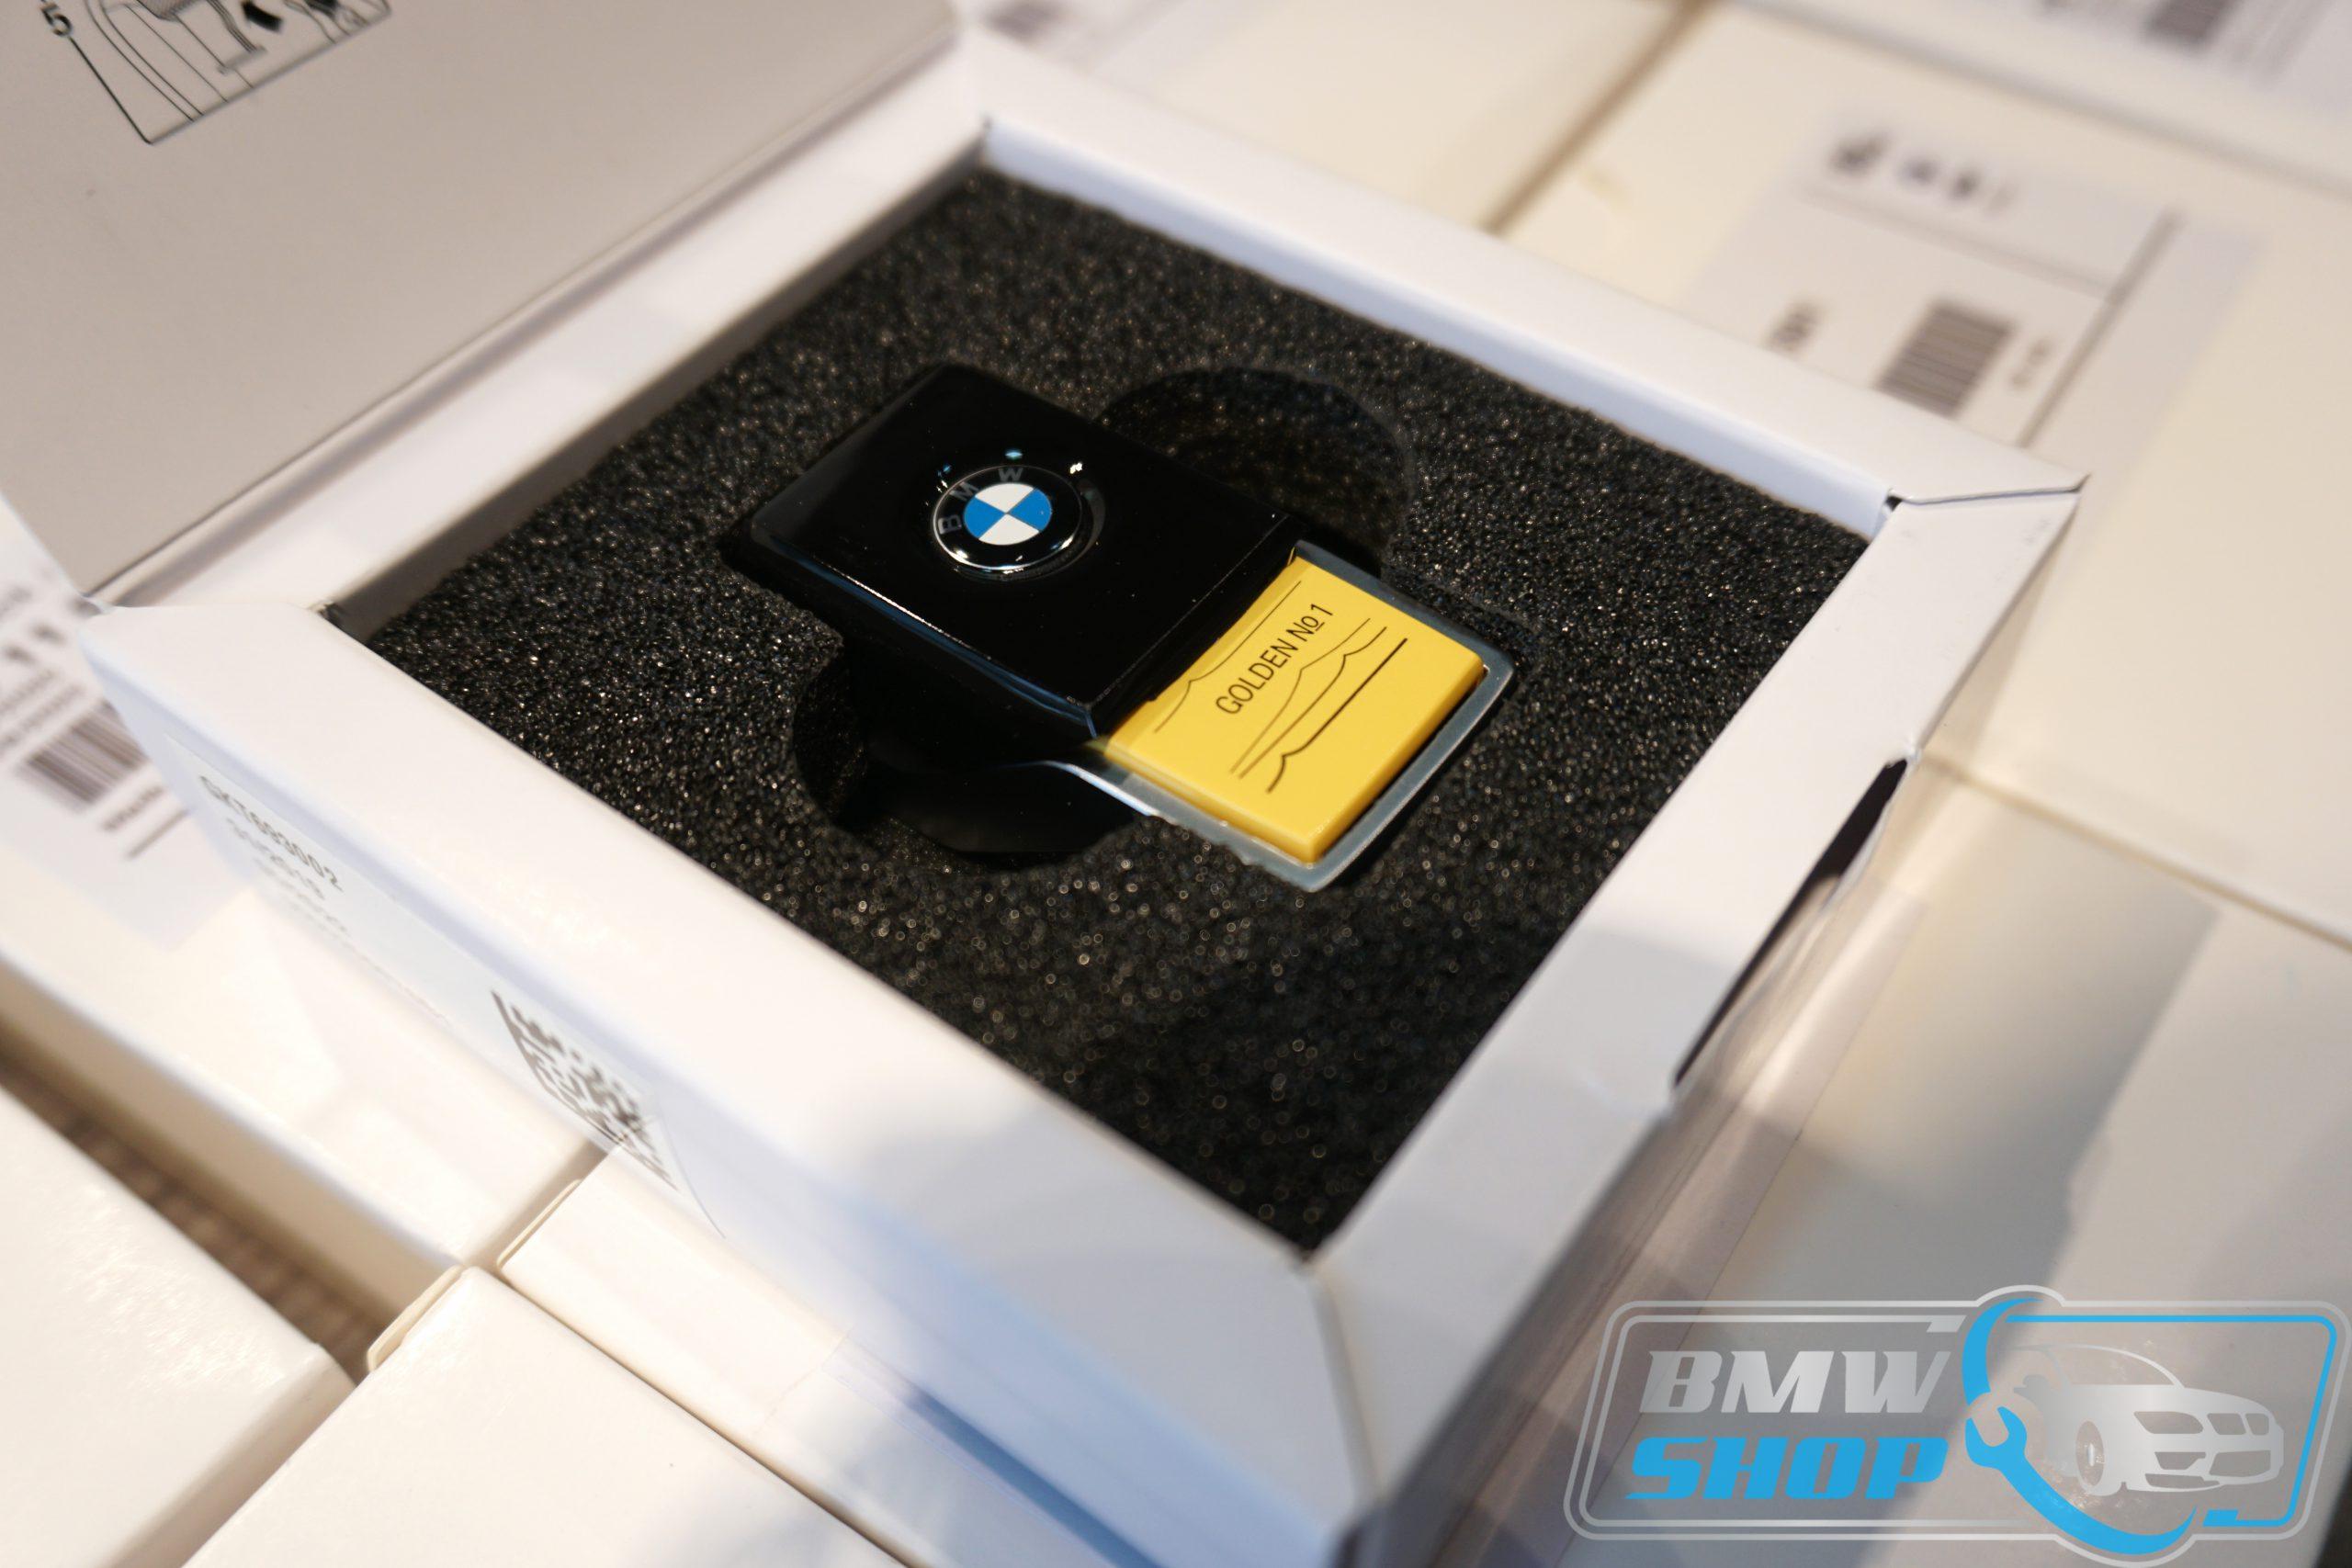 Sim sáp thơm chính hãng BMW - BMW G30 Perfume - Golden Suite No.1 Light